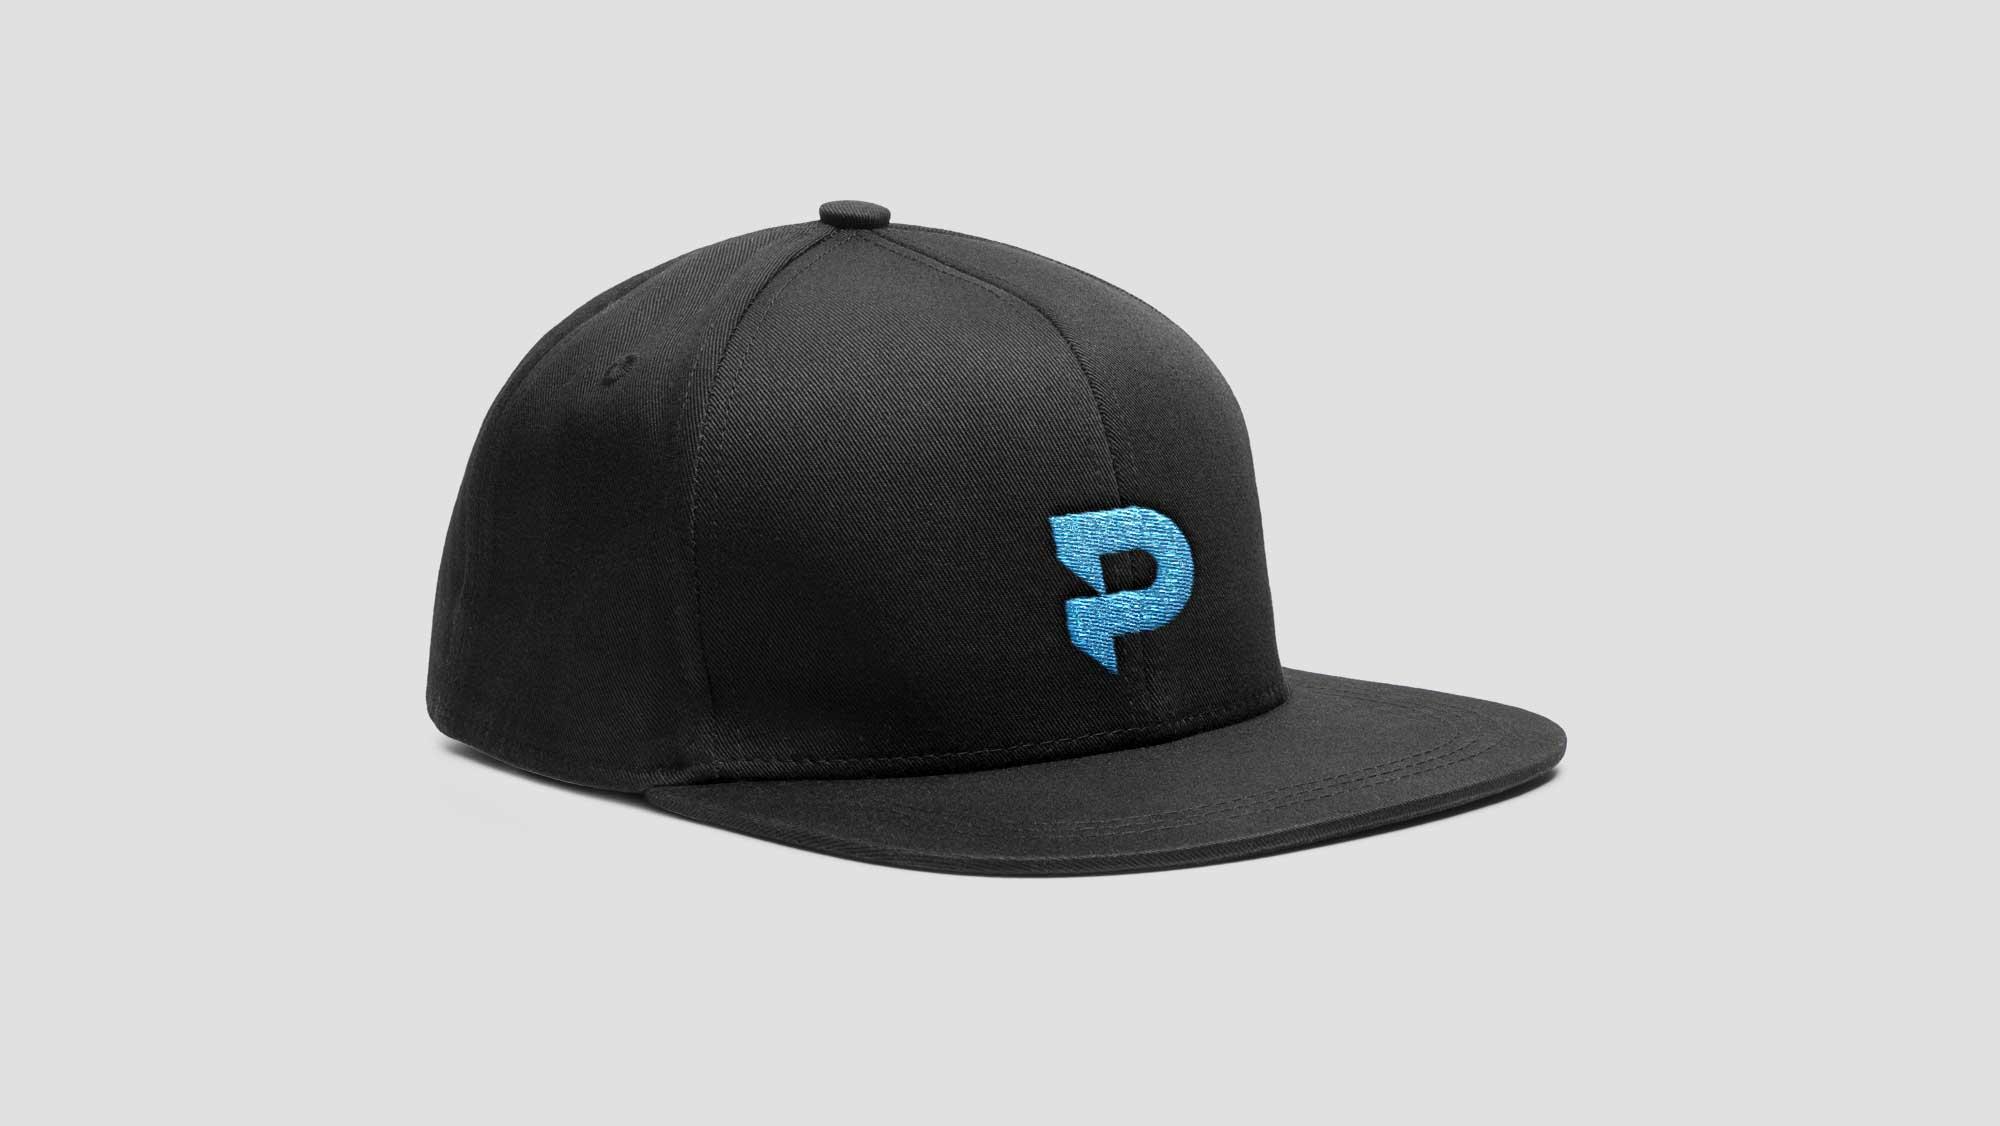 Black Baseball Hat Design